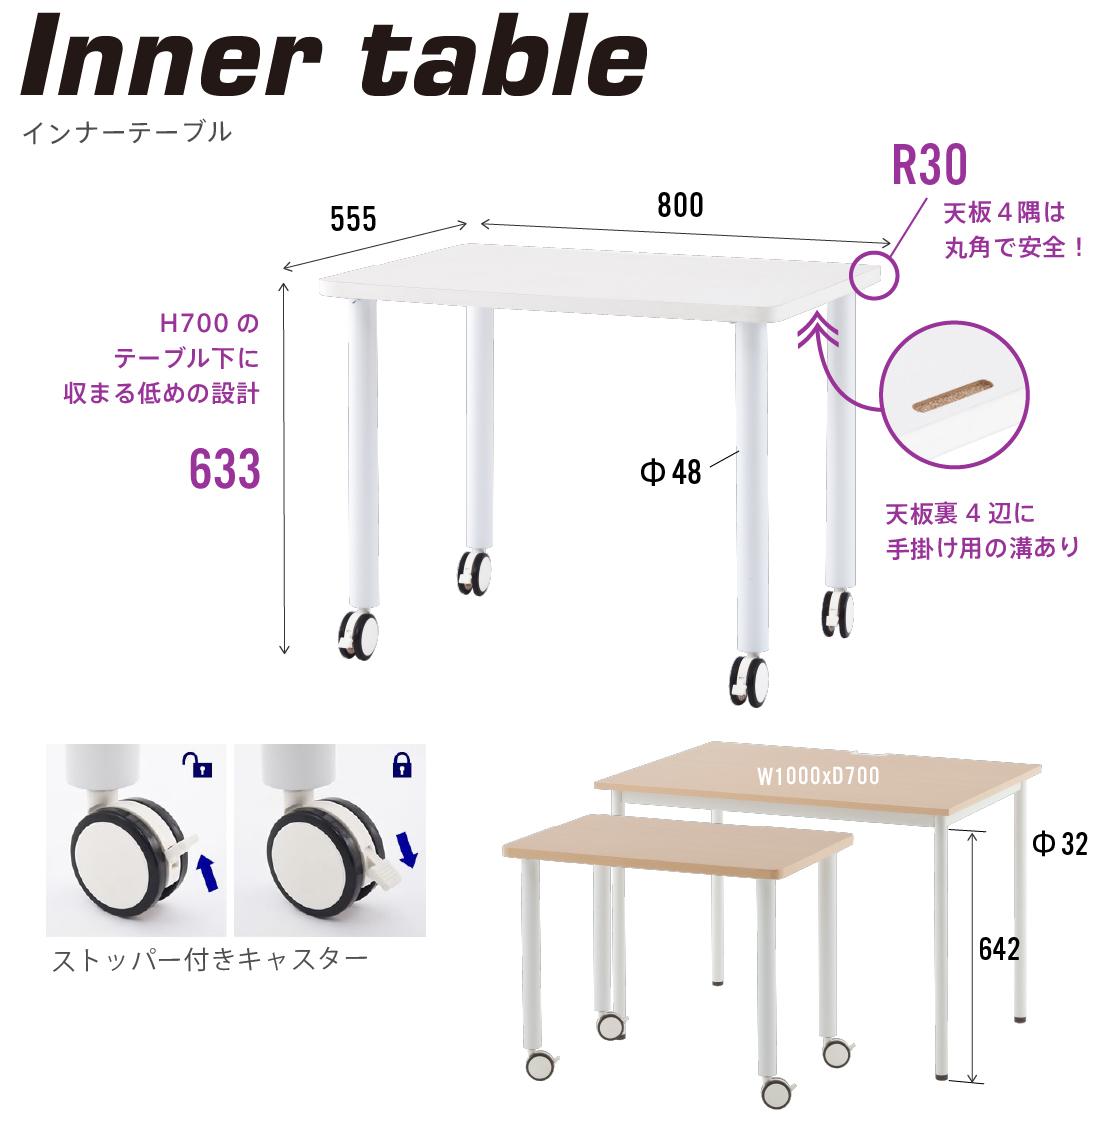 インナーテーブル